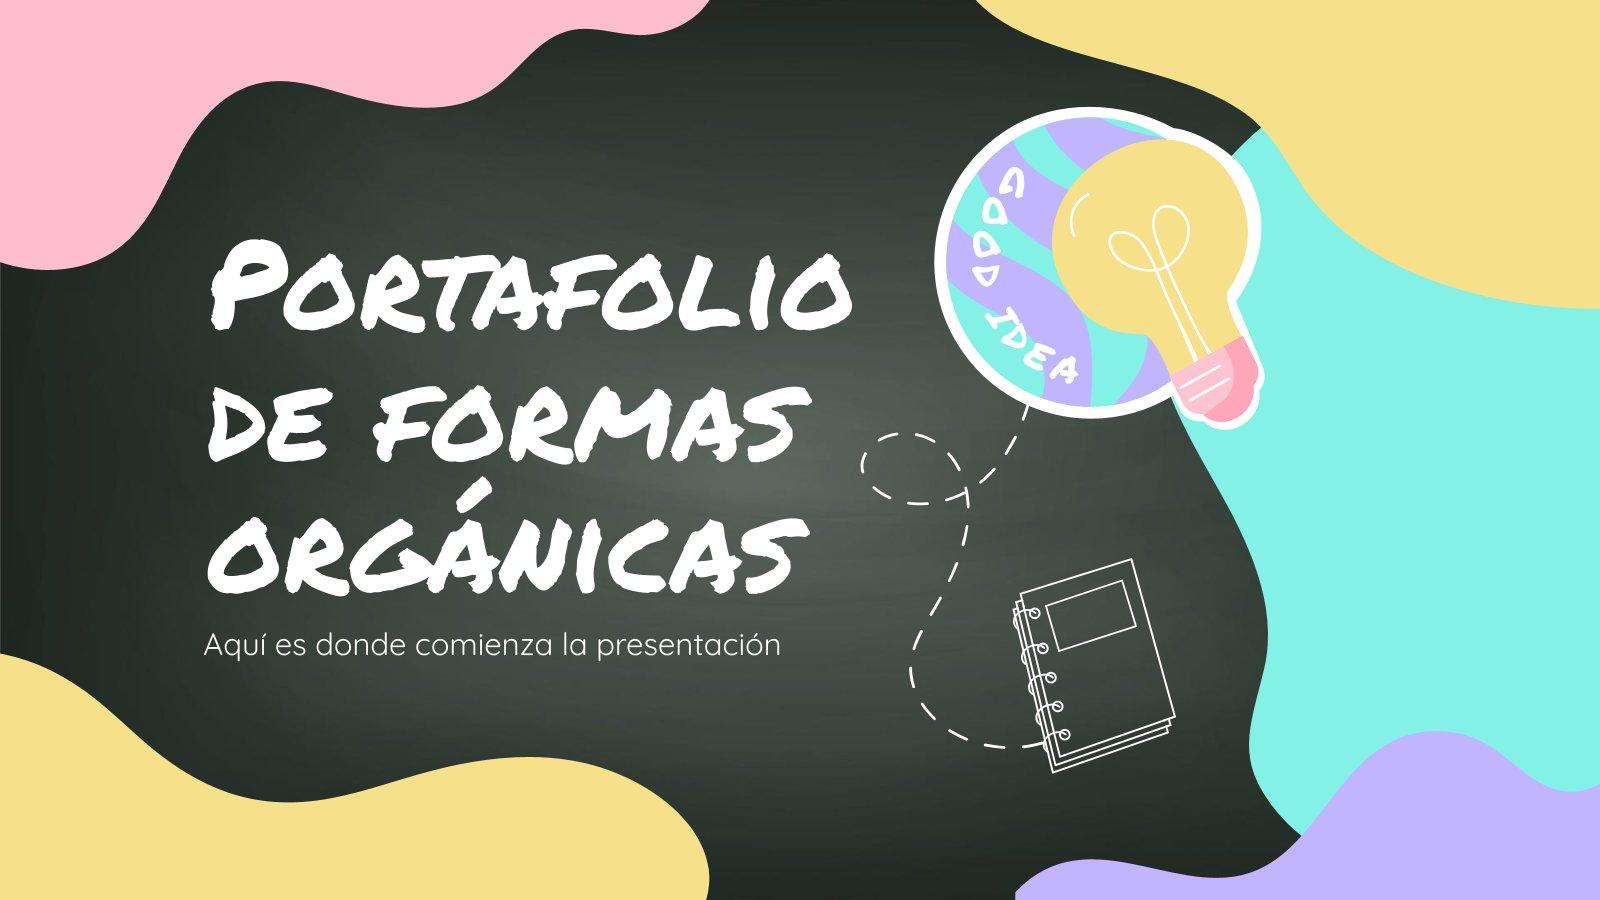 Plantilla de presentación Portafolio de Formas Orgánicas